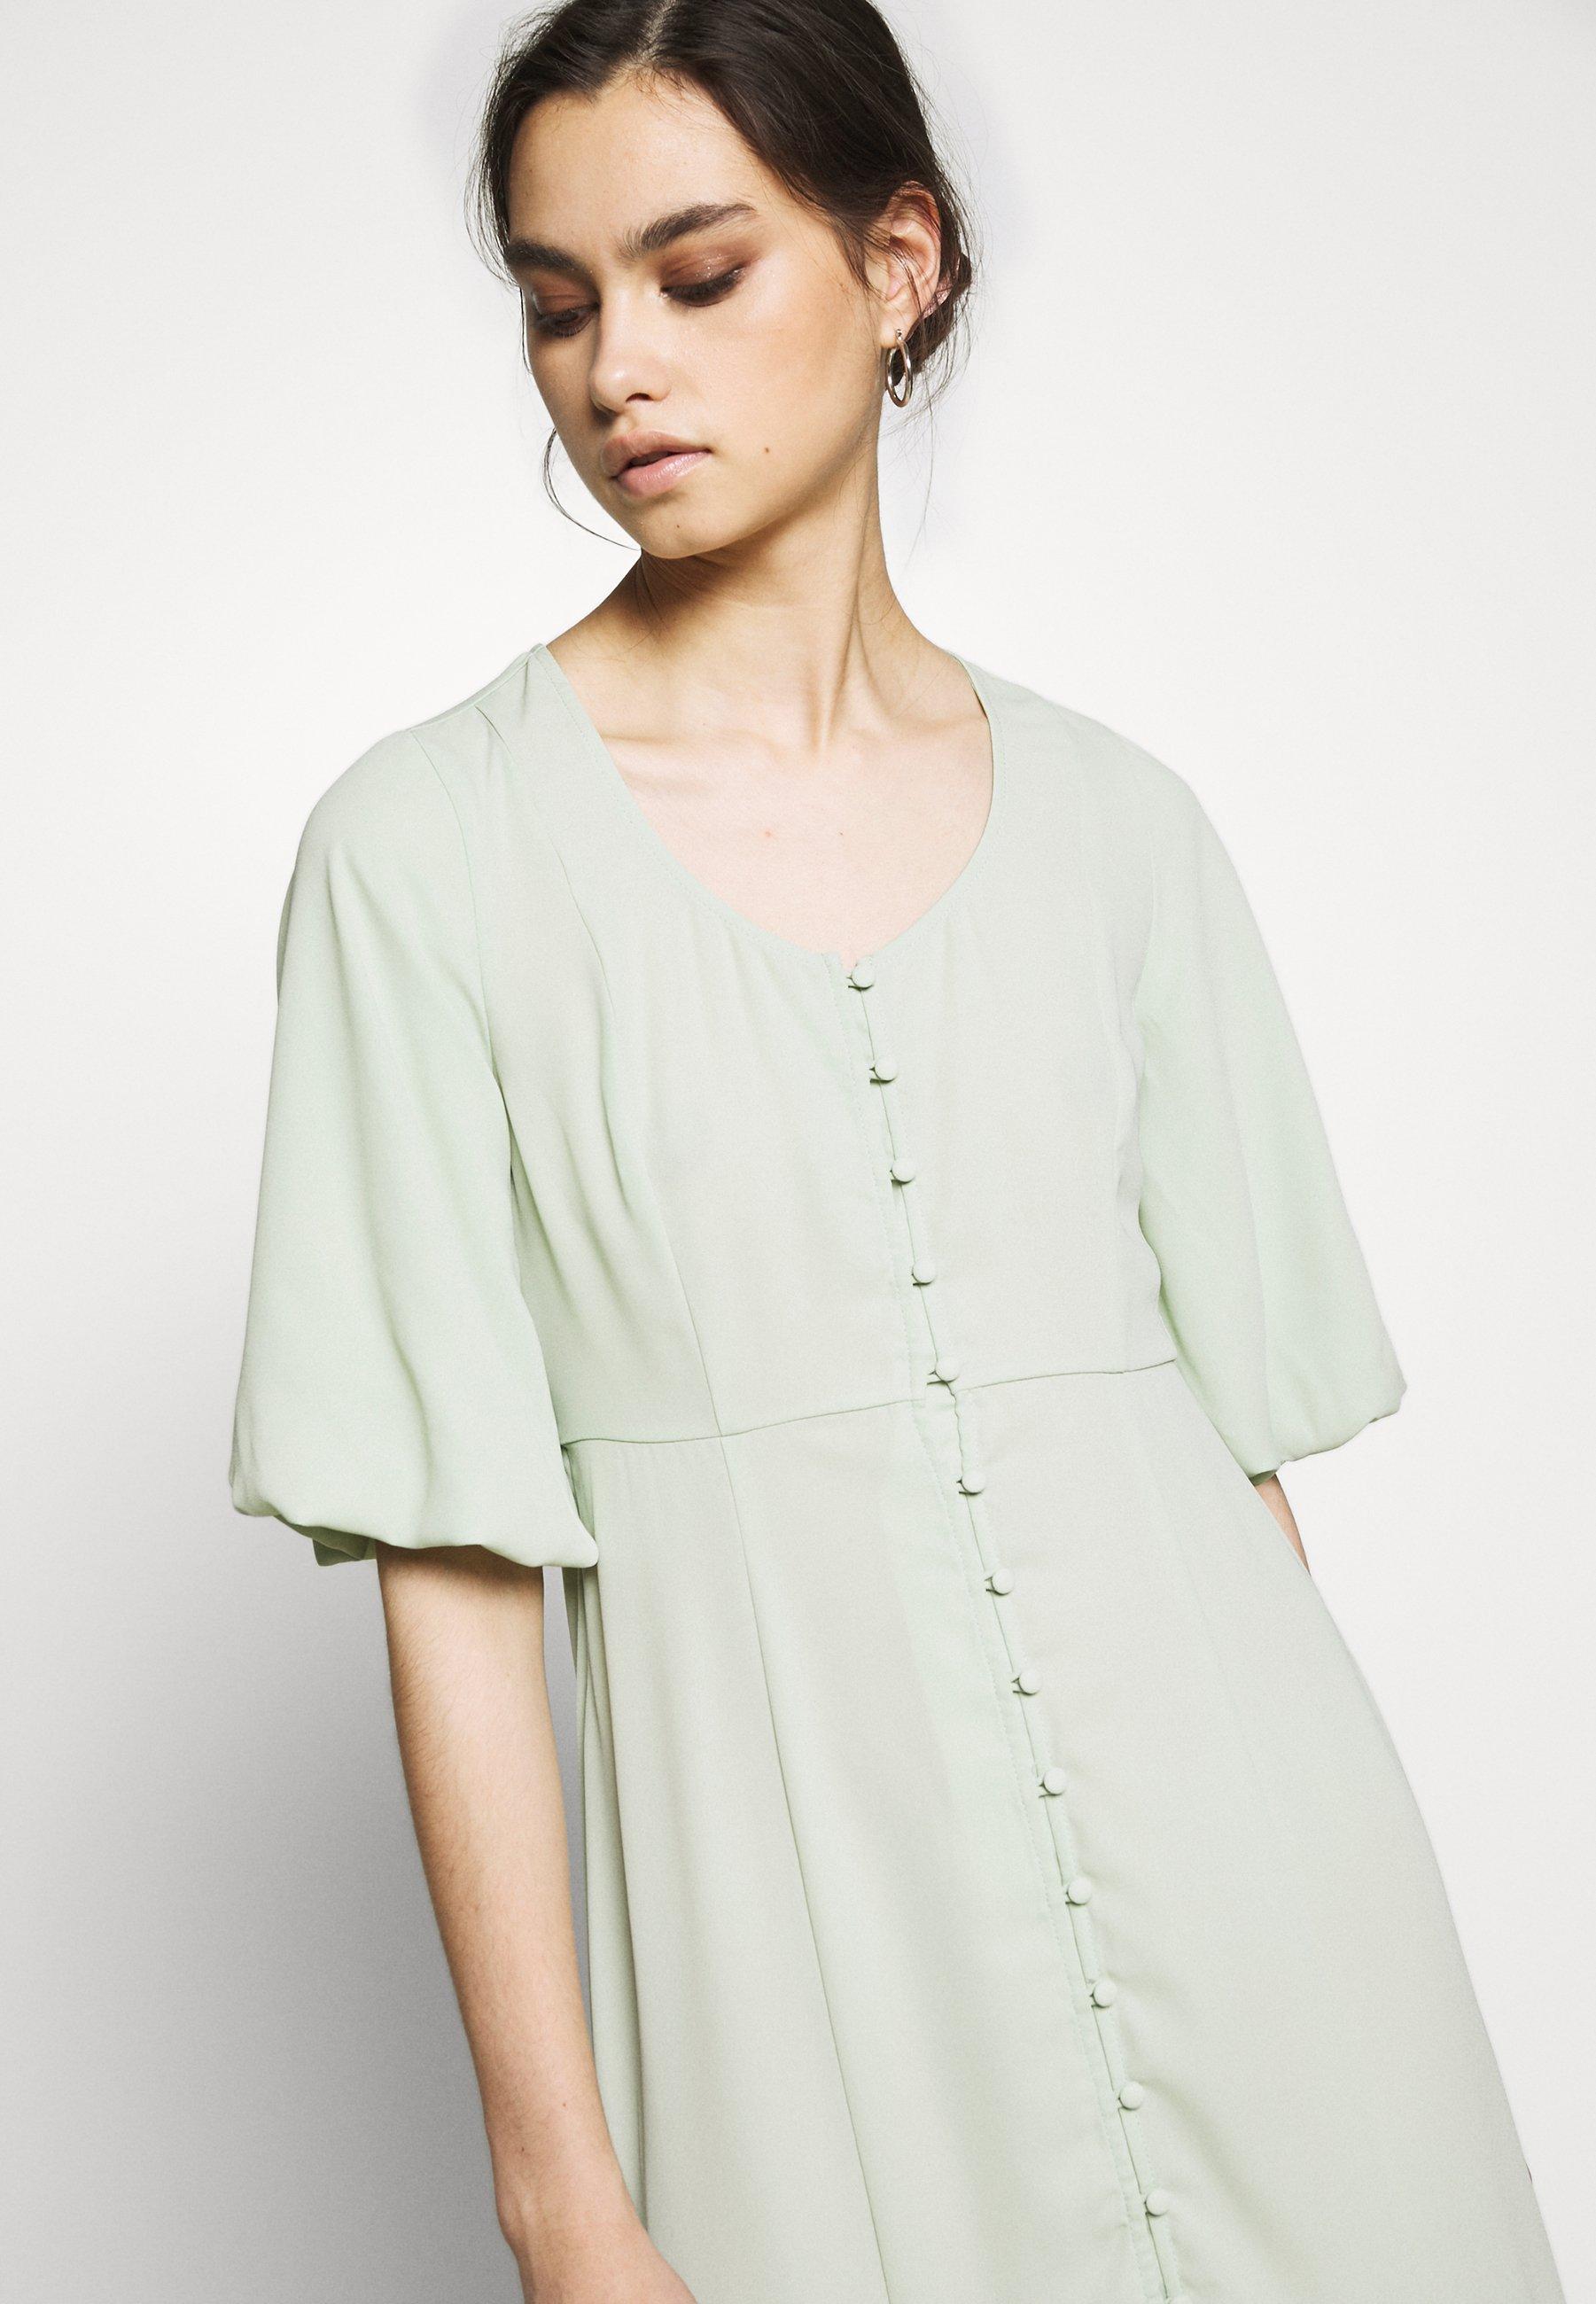 Osta Uusin Naisten Vaatteet Sarja ddj54584sfGHYHD Who What Wear THE FISHTAIL DRESS Maksimekko sage